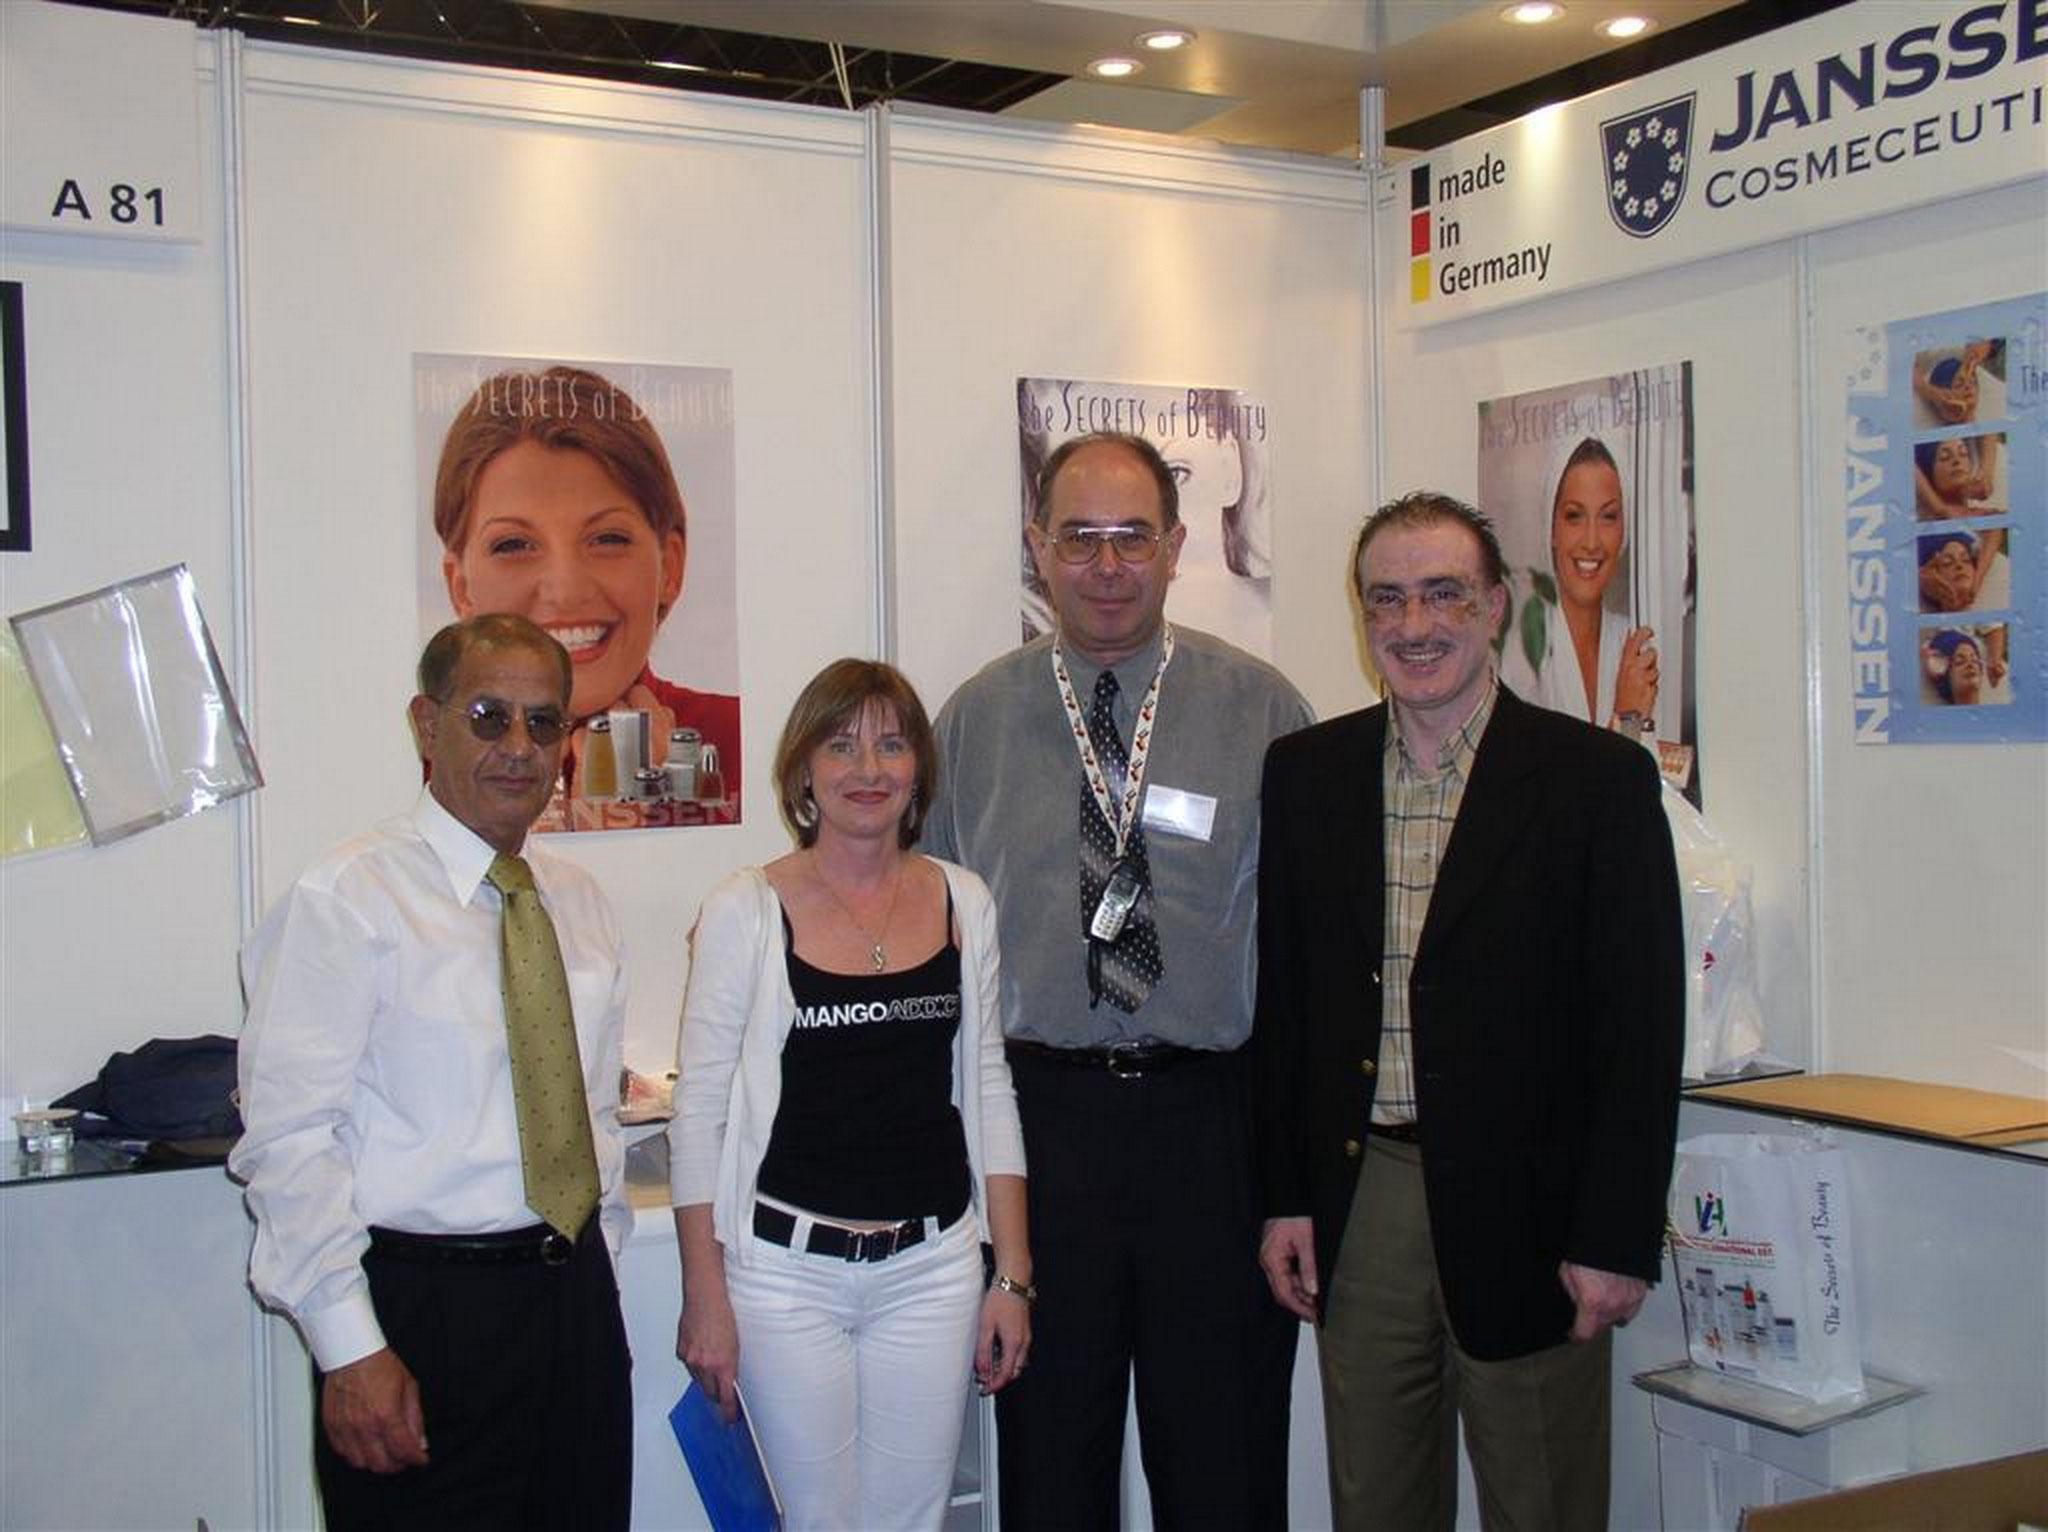 Luba abd Fahmi from Jordan at Dubai Expo 2004